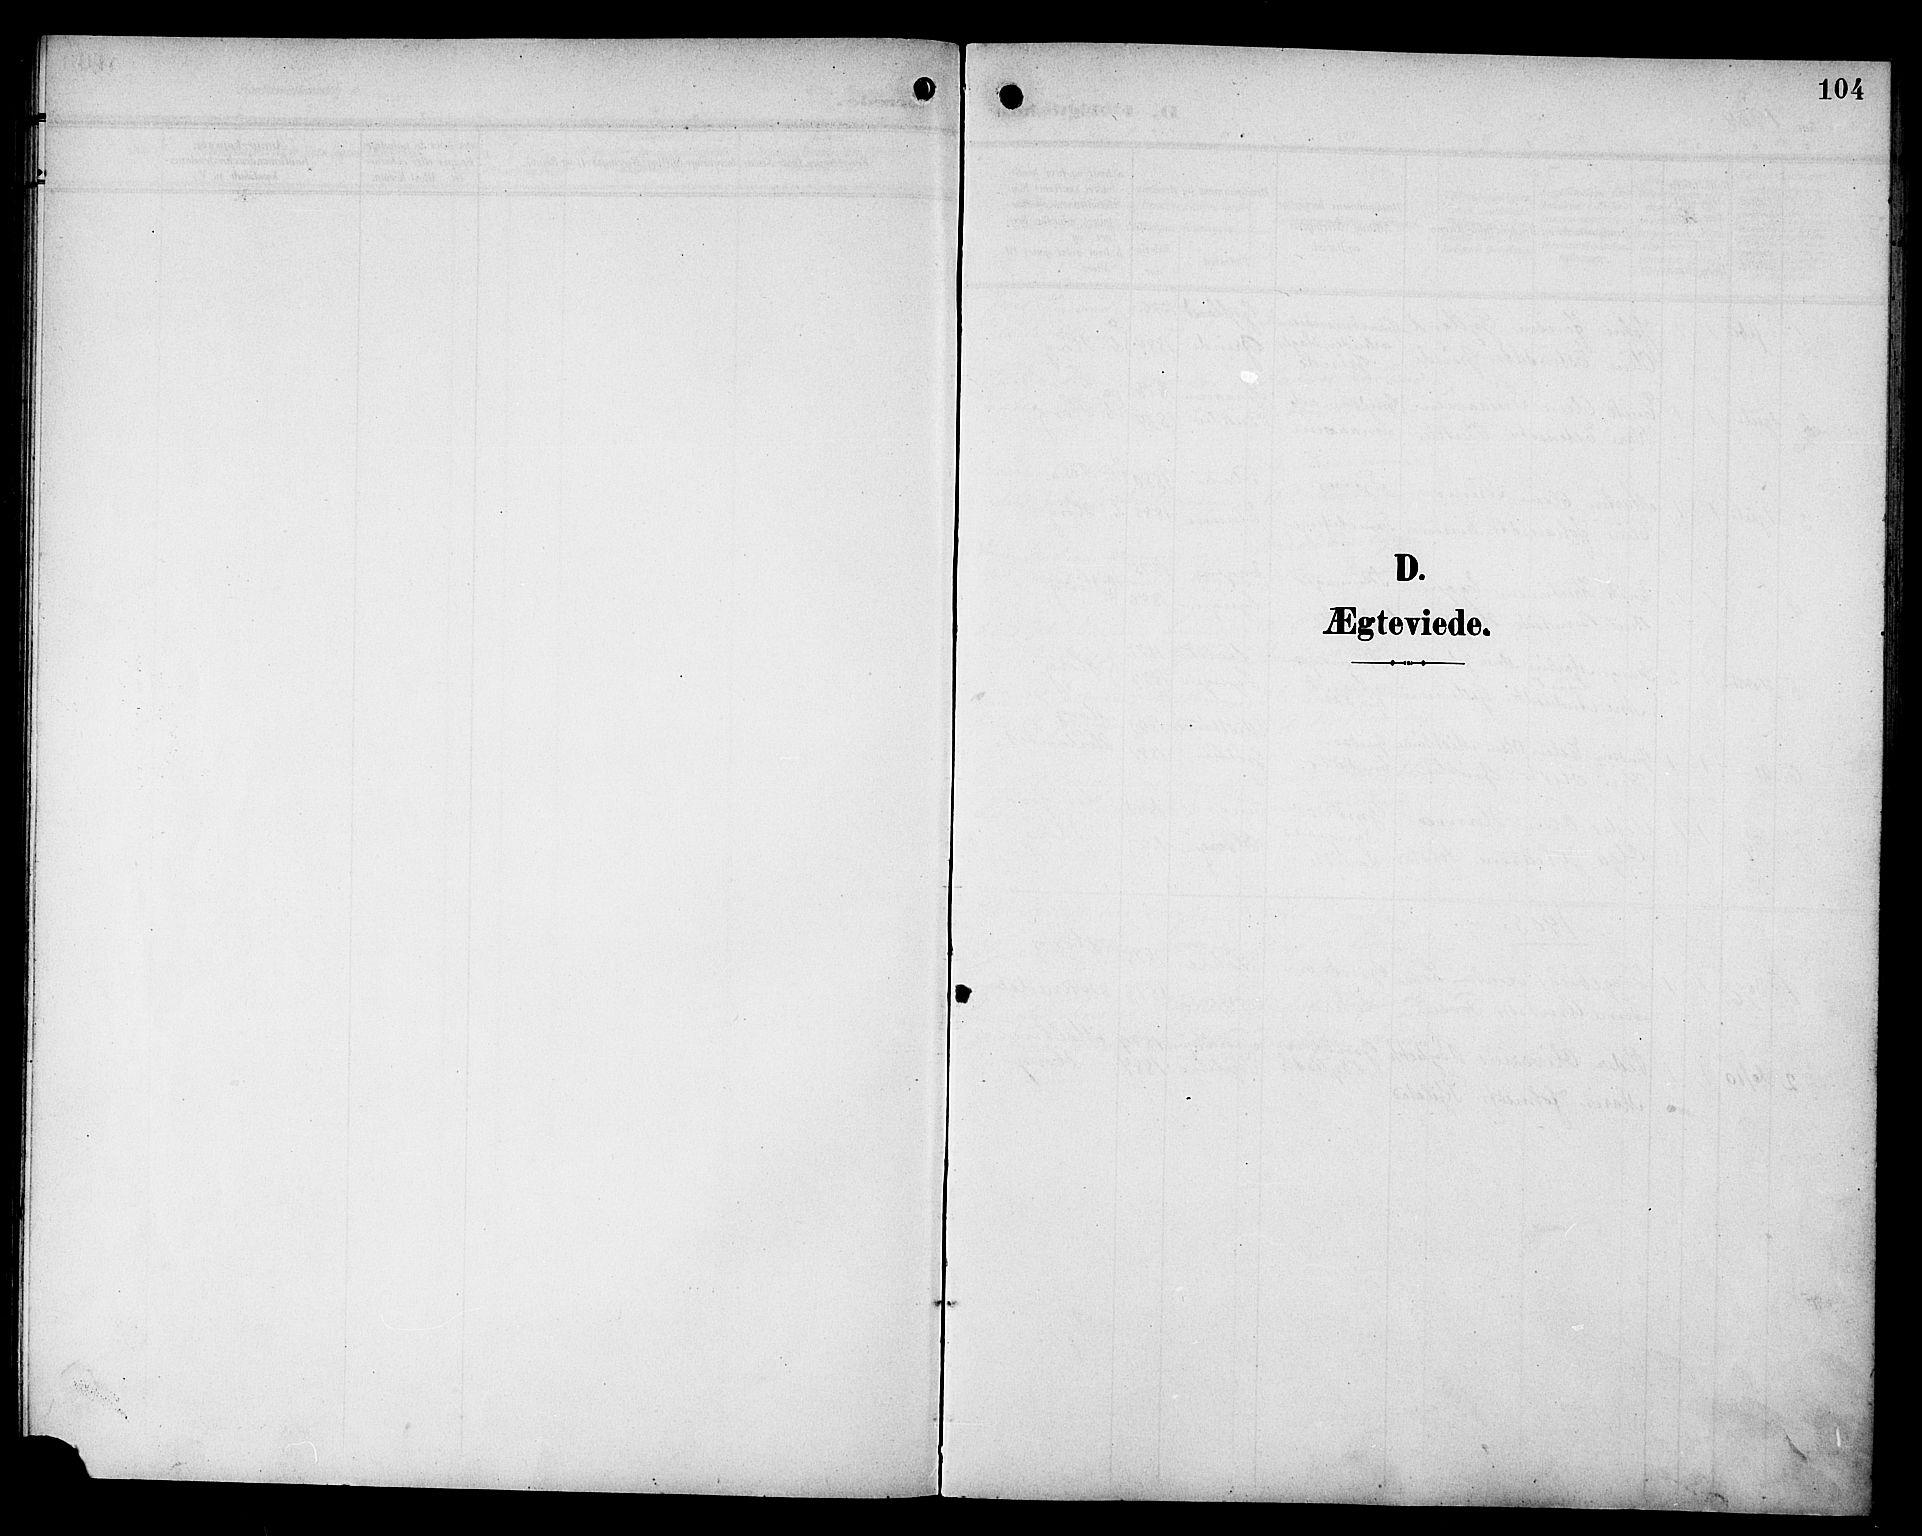 SAT, Ministerialprotokoller, klokkerbøker og fødselsregistre - Sør-Trøndelag, 692/L1112: Klokkerbok nr. 692C07, 1904-1918, s. 104